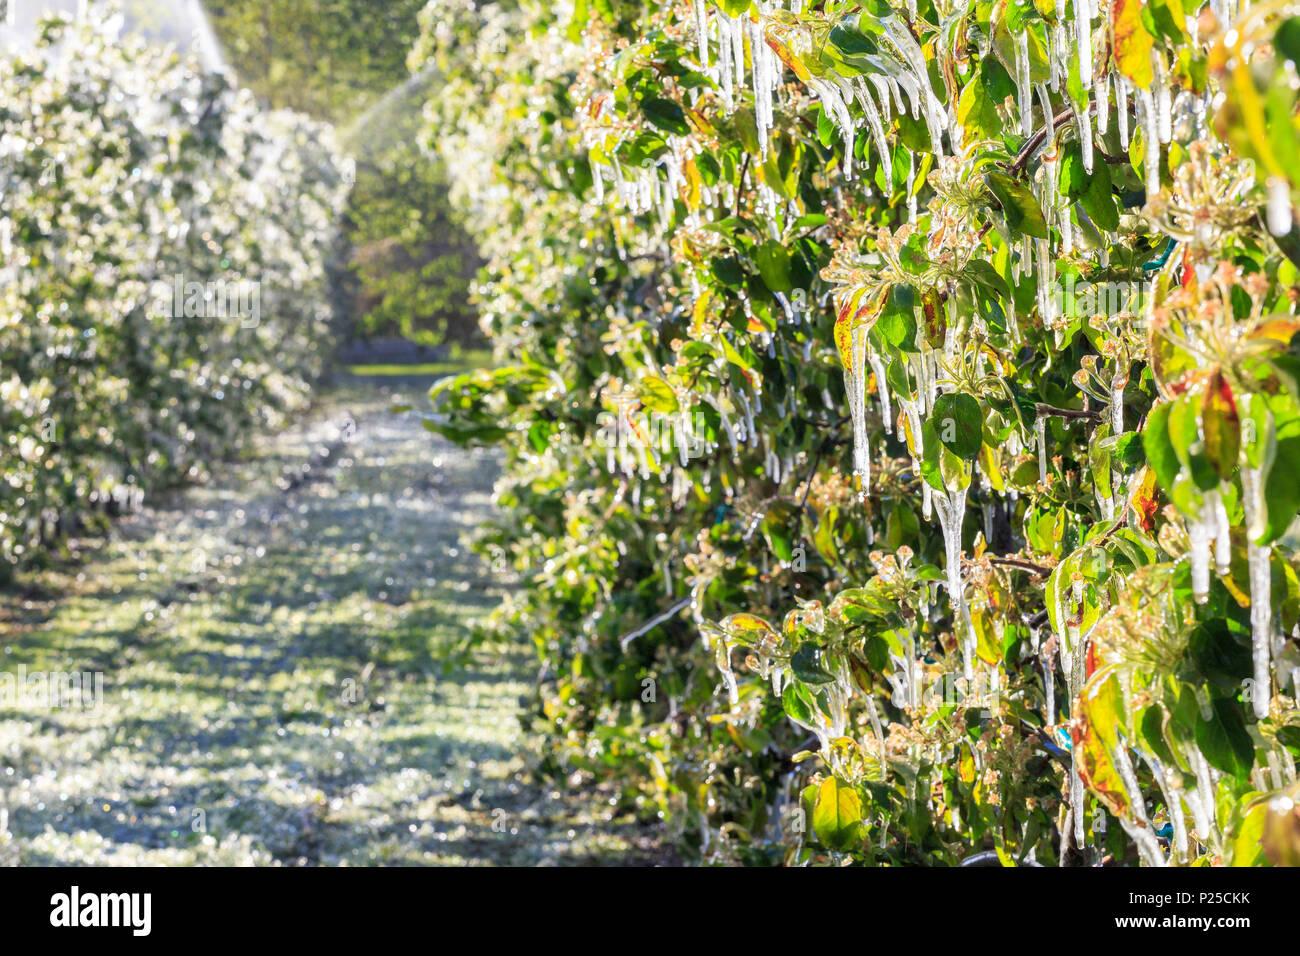 Eis Stalaktiten auf Apple Pflanzen nach der Bewässerung, der verhindert, dass das Einfrieren der Blumen. Tirano, Valtellina, Lombardei, Italien. Stockbild